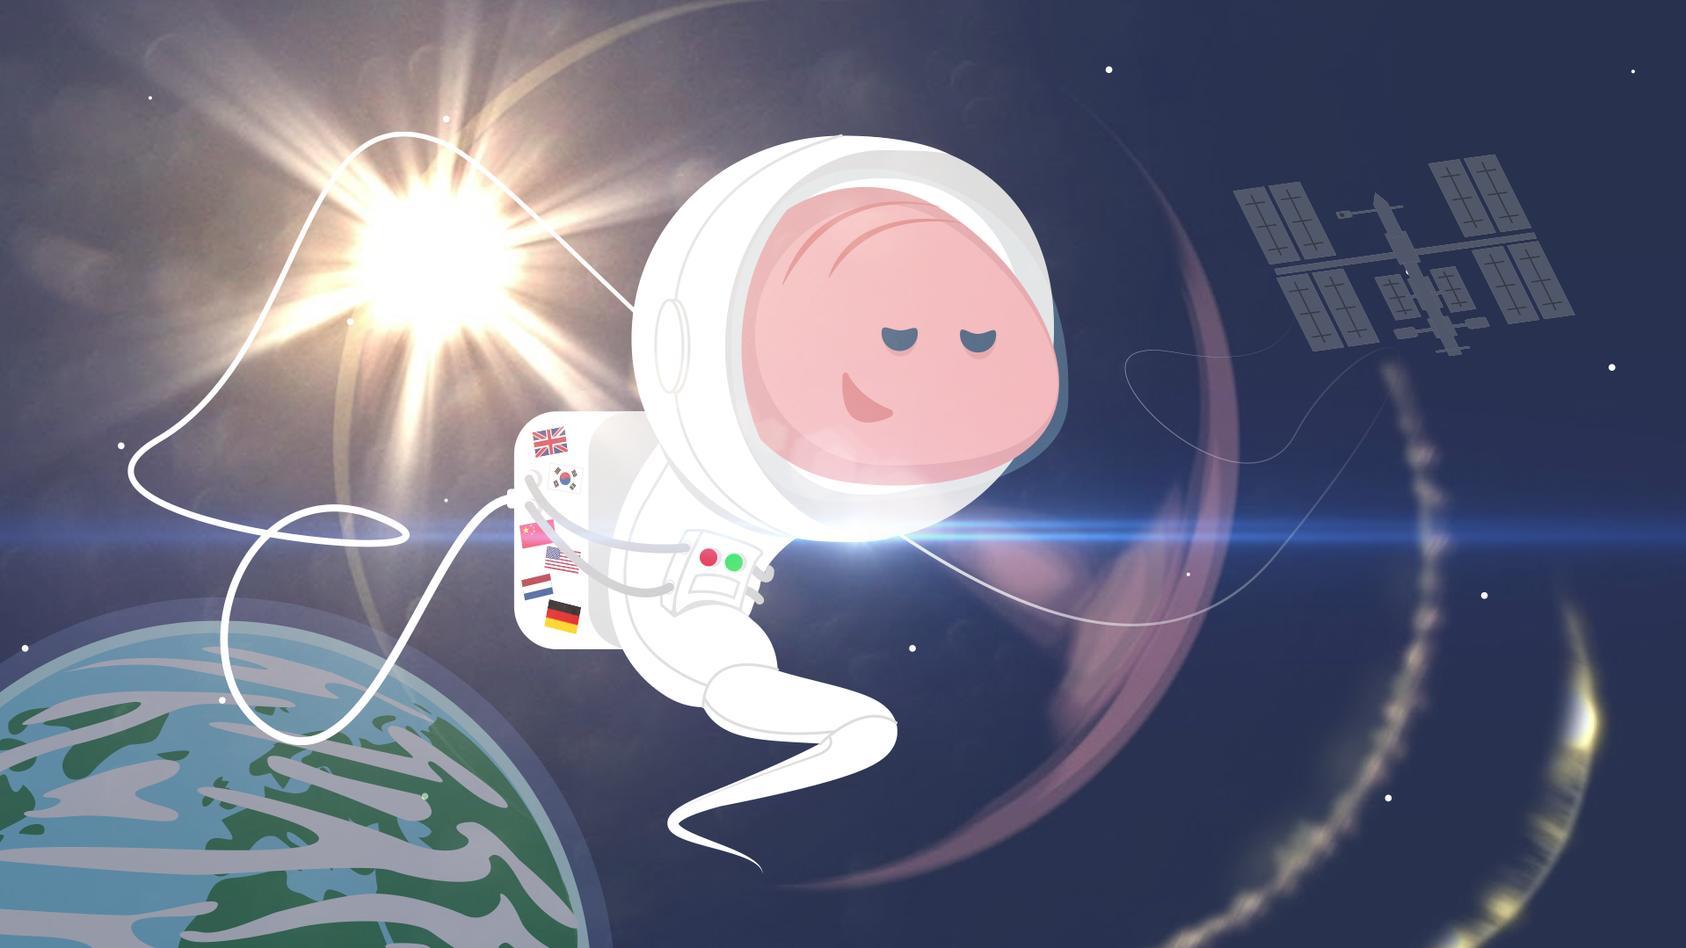 Mit den Astronauten-Würmern soll der Muskelschwund im All weiter erforscht werden.